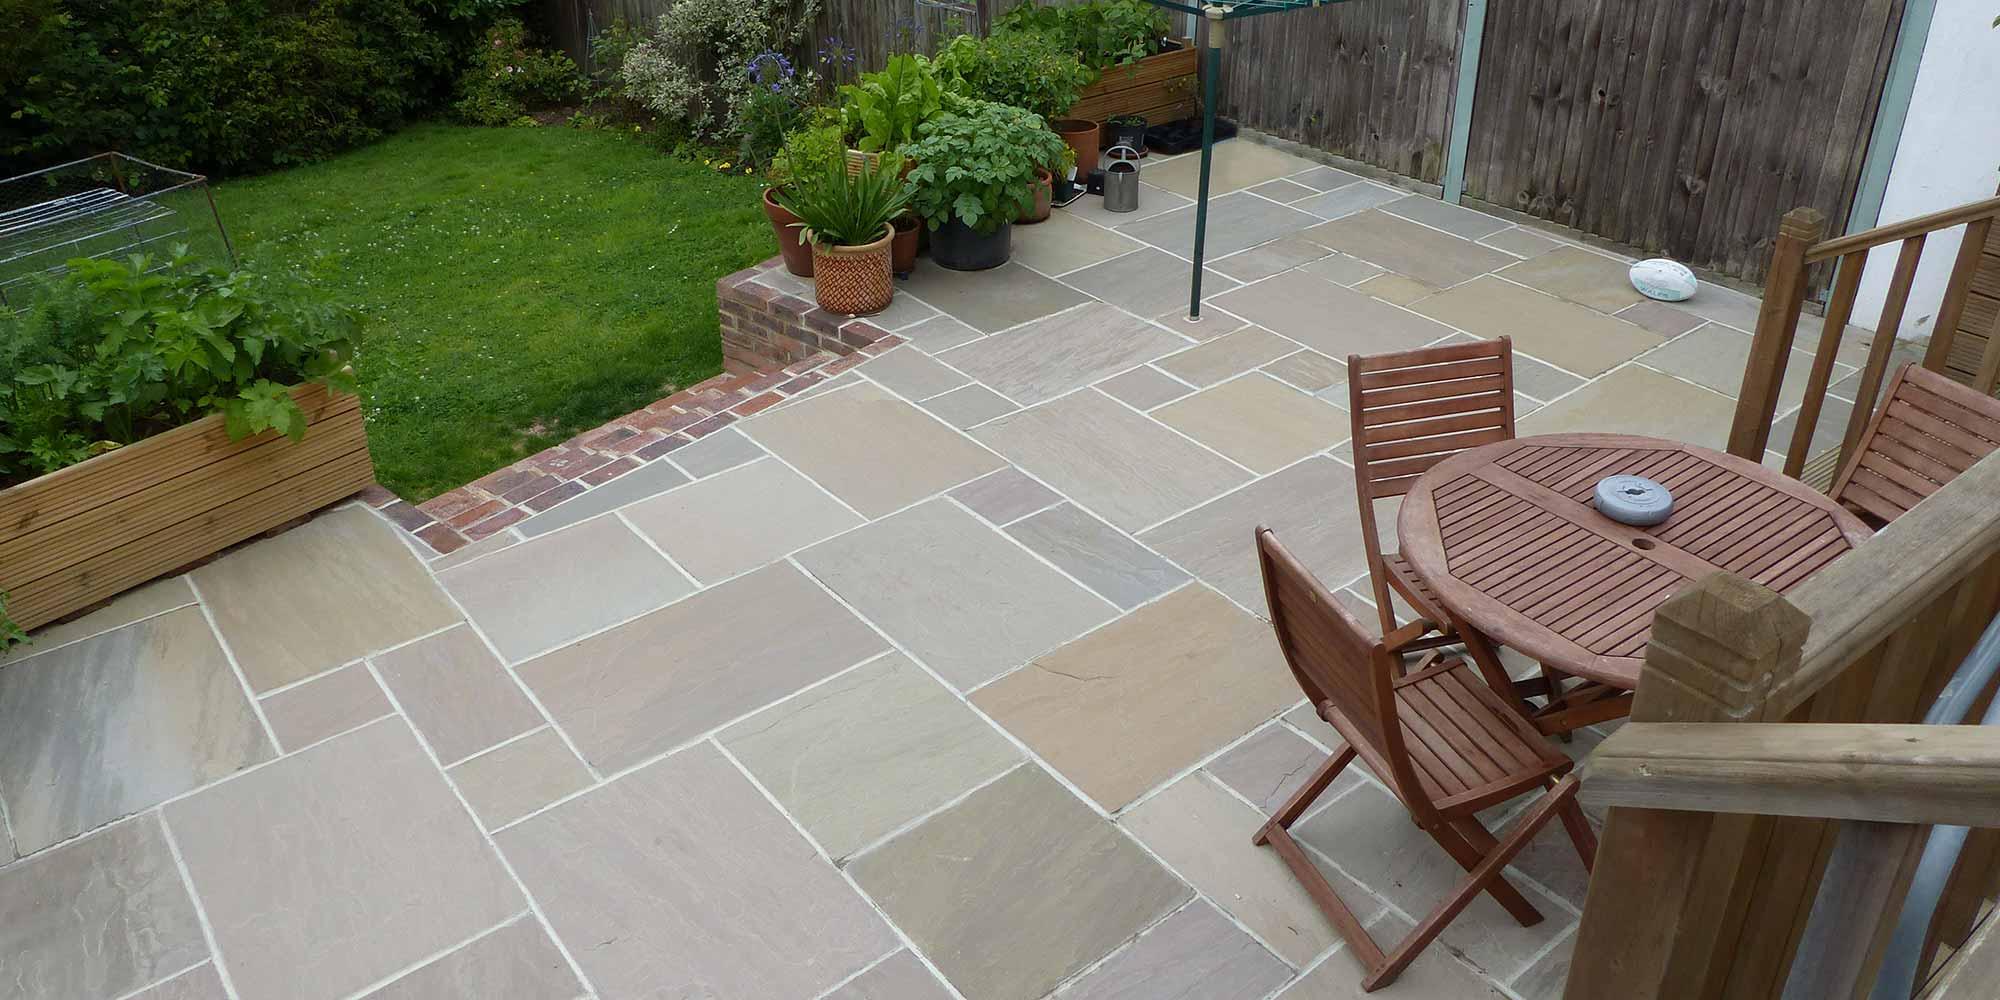 pedra-natural-piso-quintal